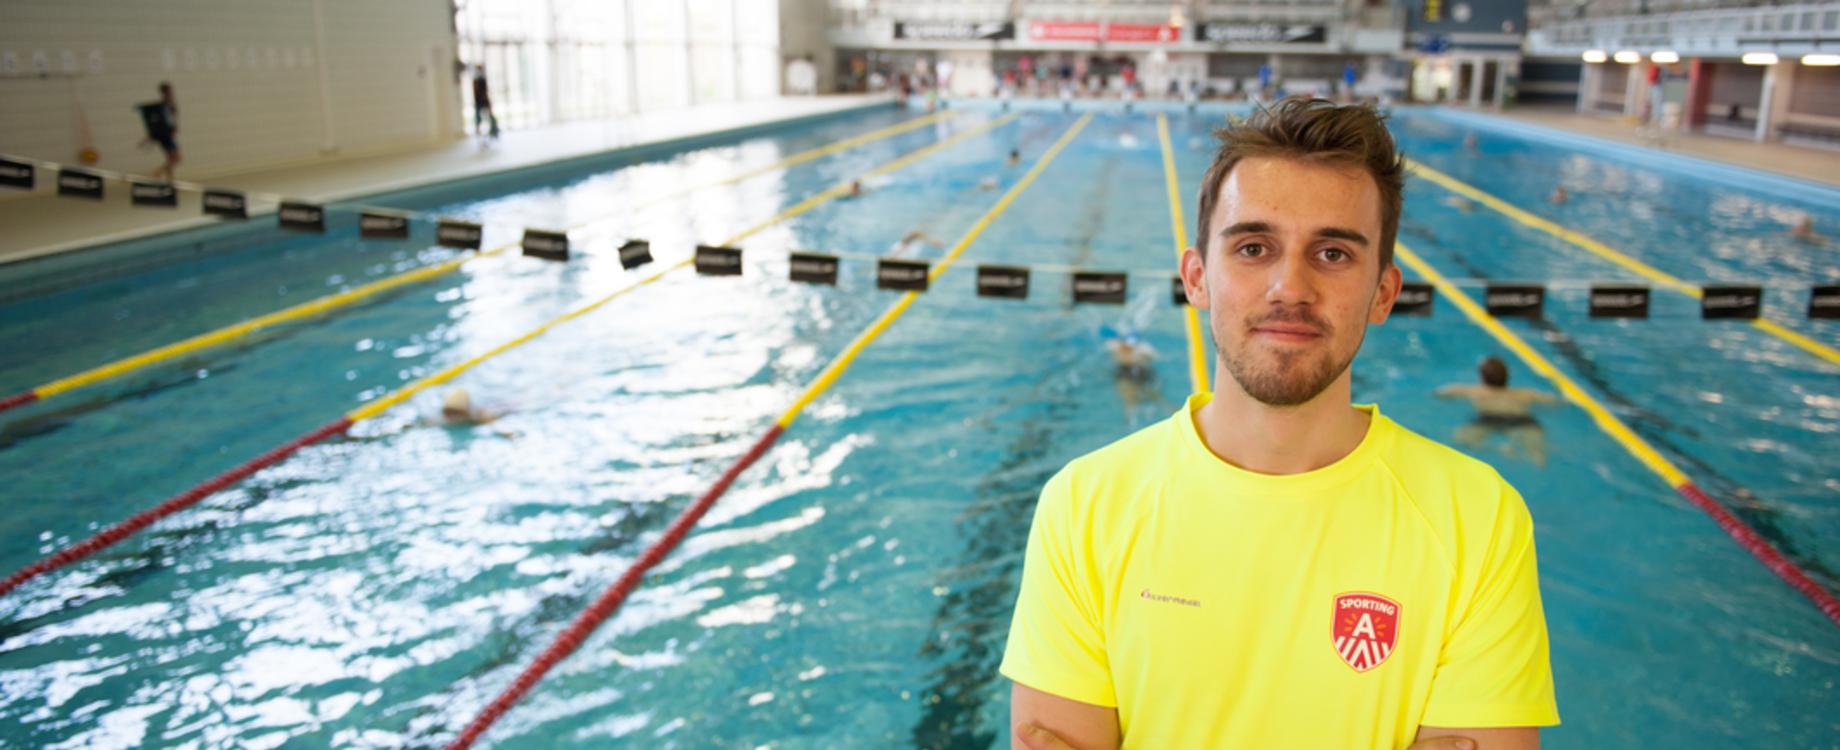 Jobstudent-redder Lukas in zwembad Wezenberg